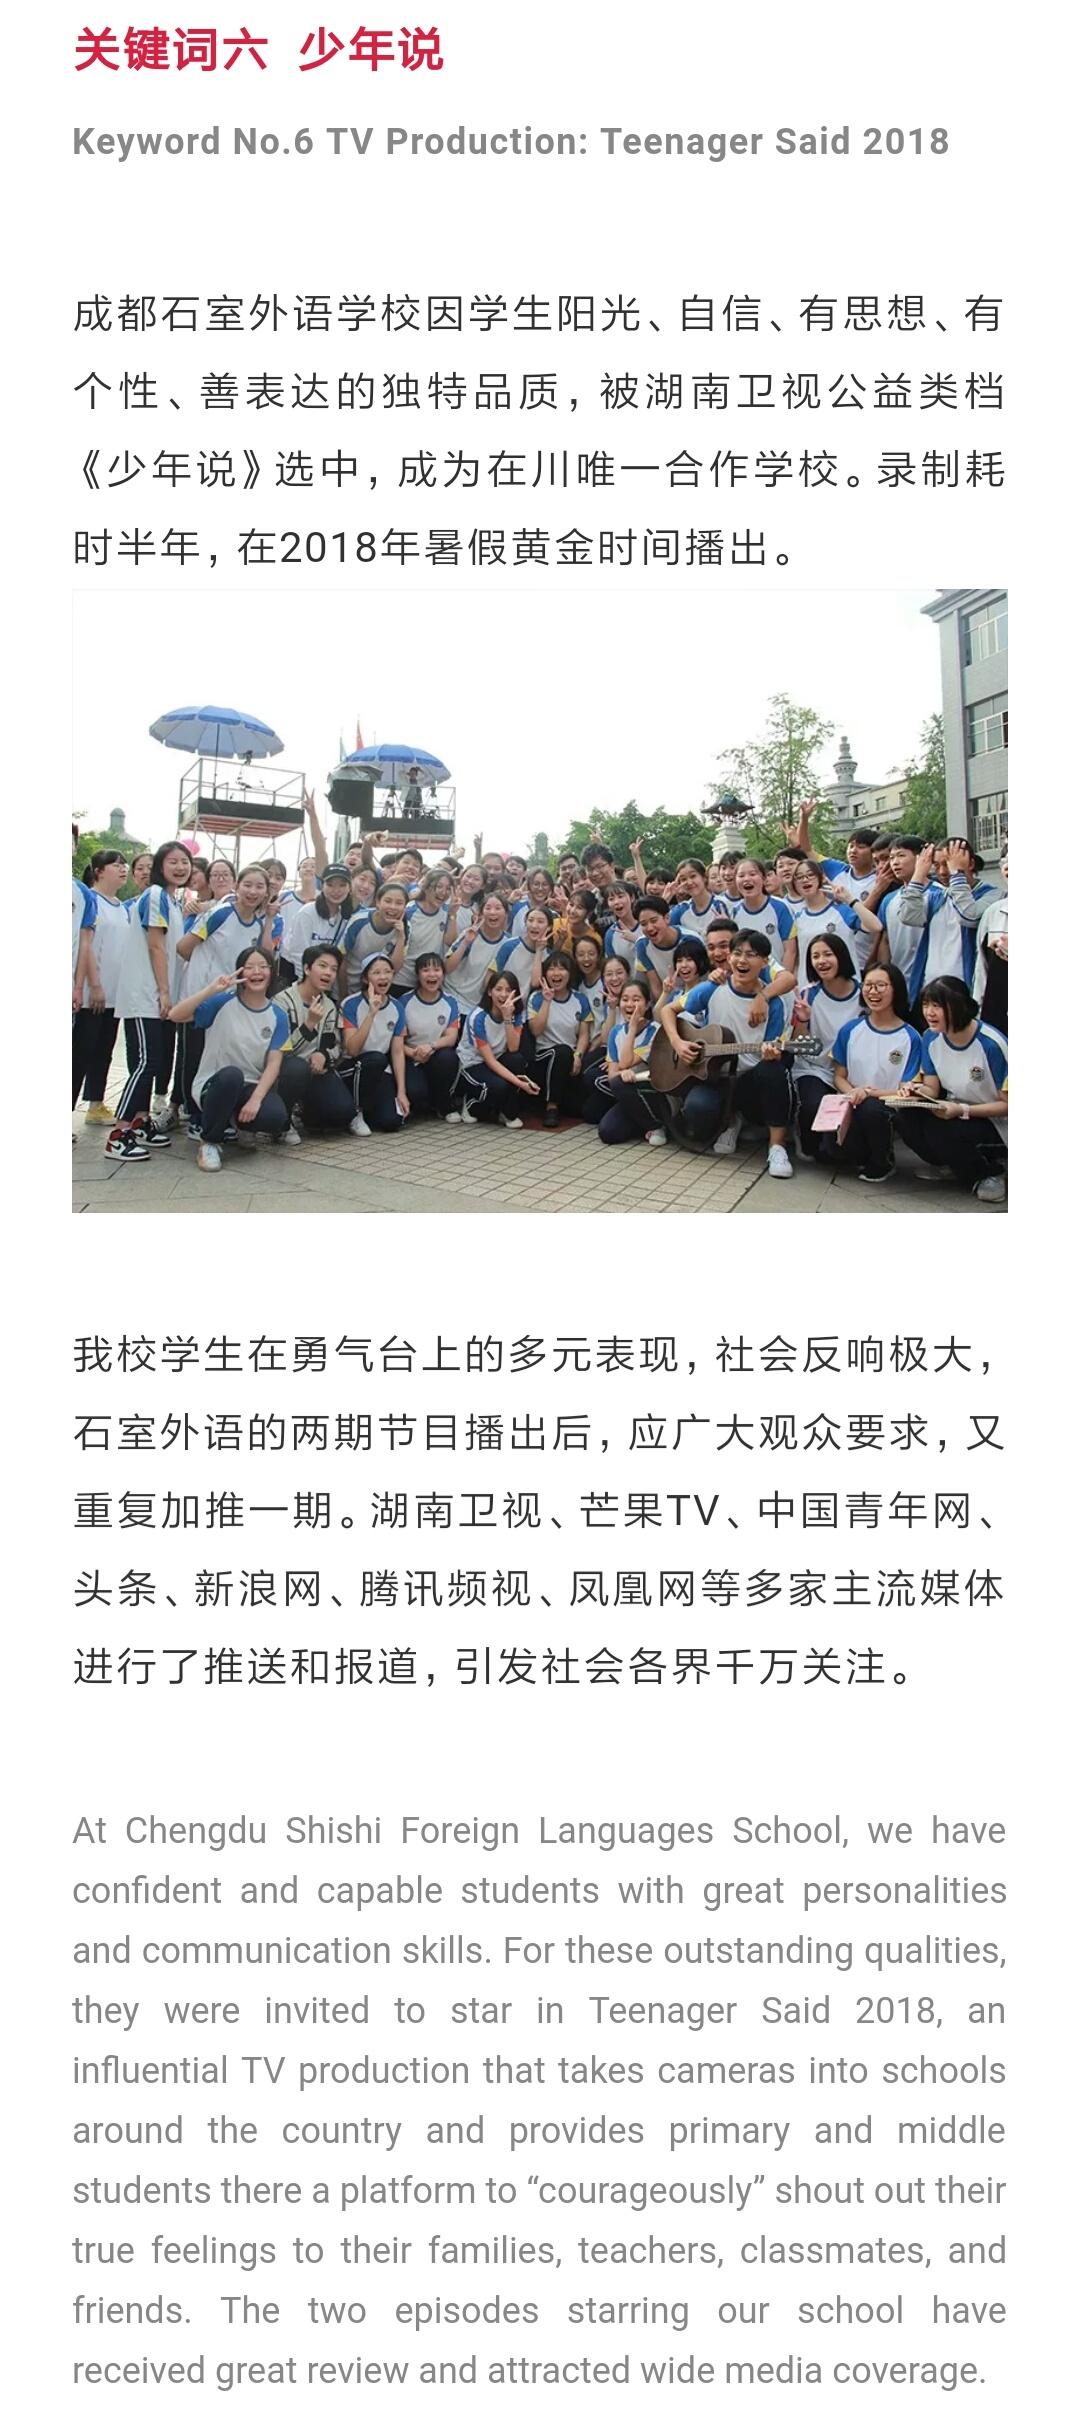 Screenshot_2019-02-12-20-54-14-304_com.tencent.mm.png